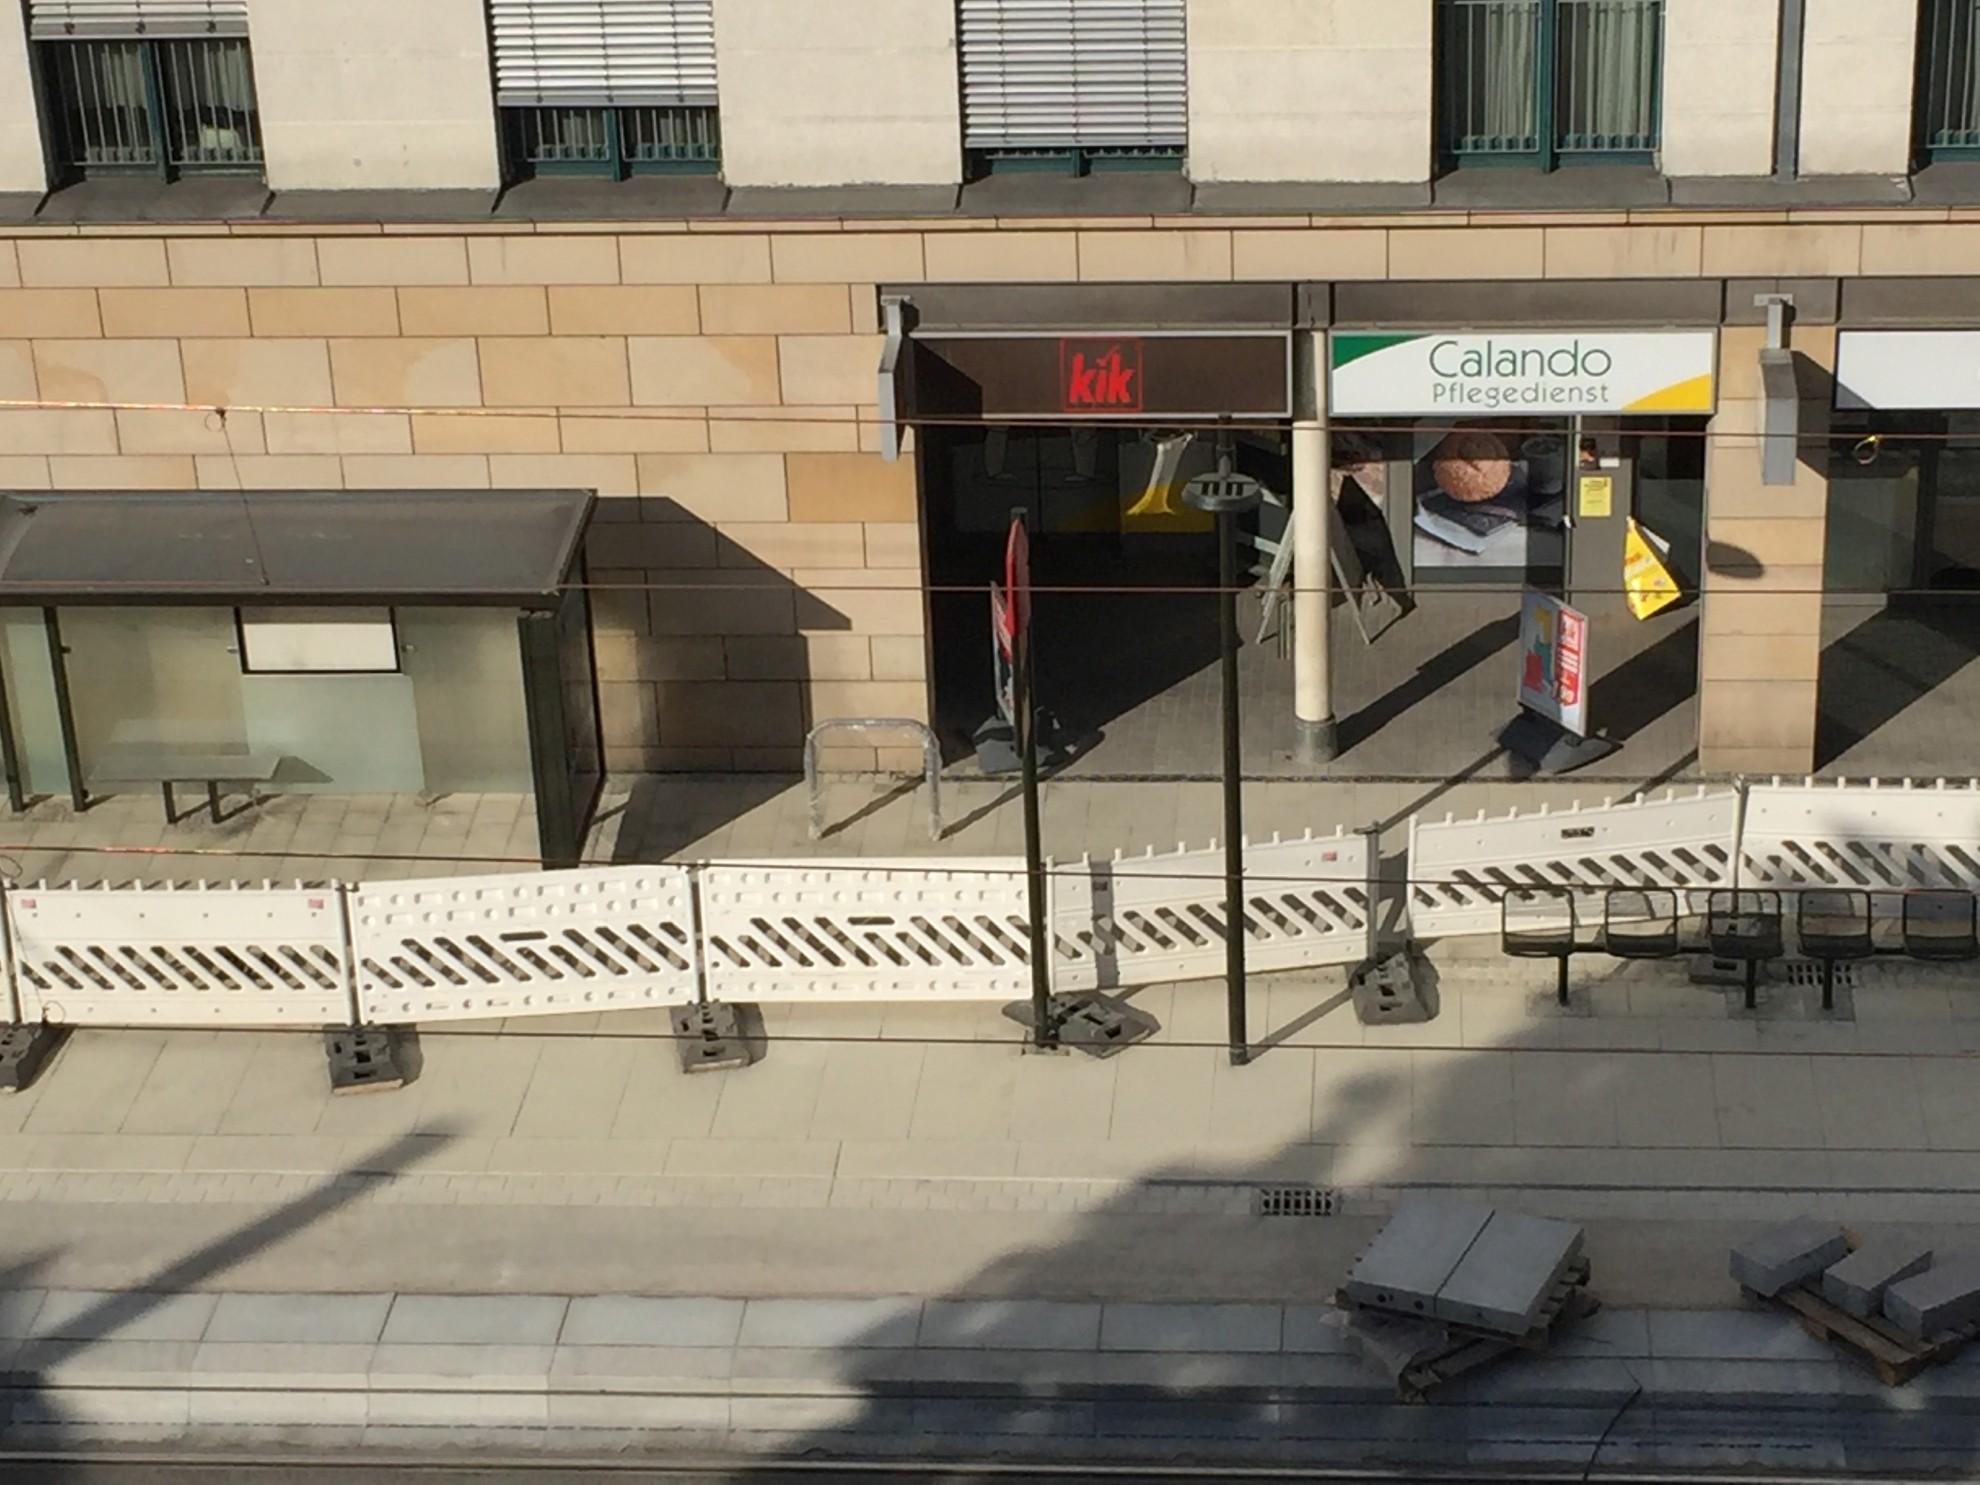 Freie Fahrt zur Calando Pflegedienst GmbH: Bauarbeiten beendet